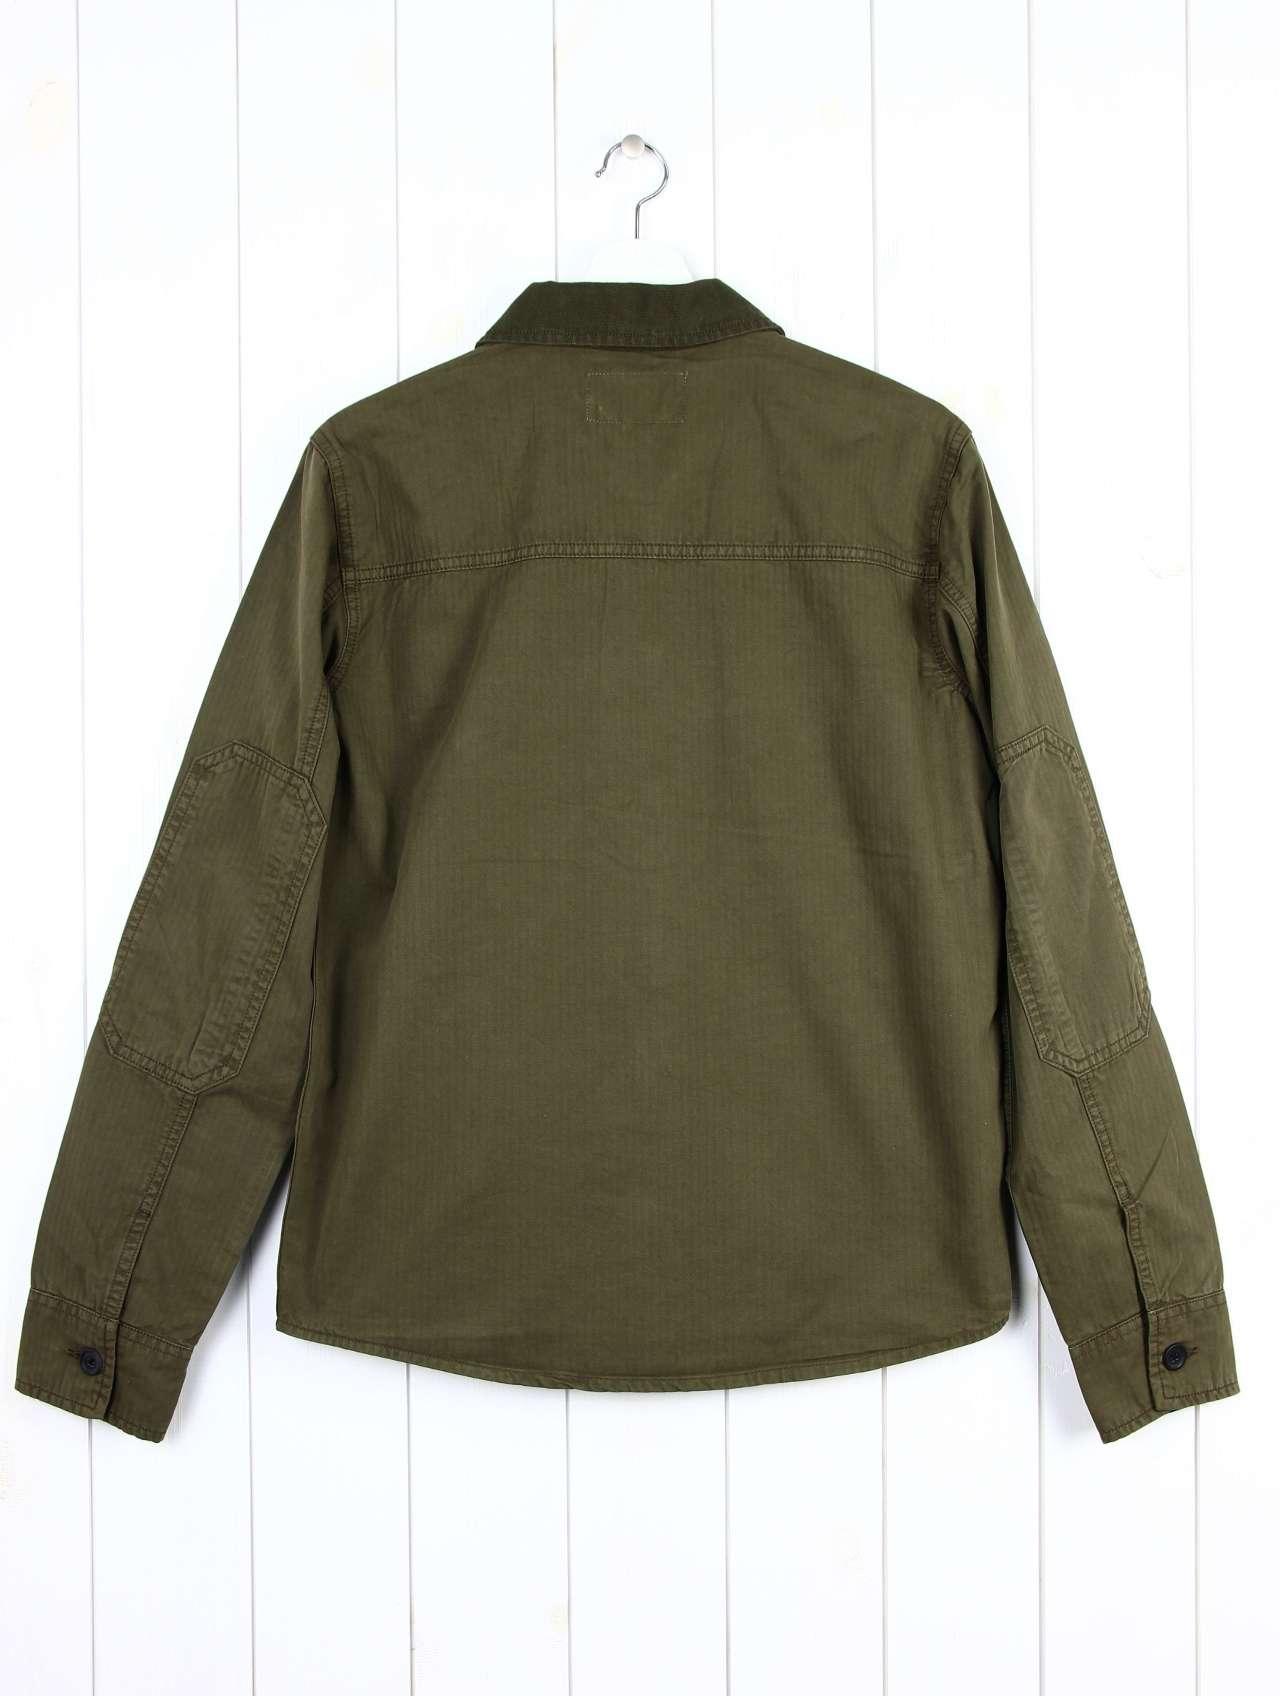 NEW WRANGLER JUST JOE JACKET OVERSHIRT KHAKI OLIVE GREEN ARMY S//M//L//XL//XXL